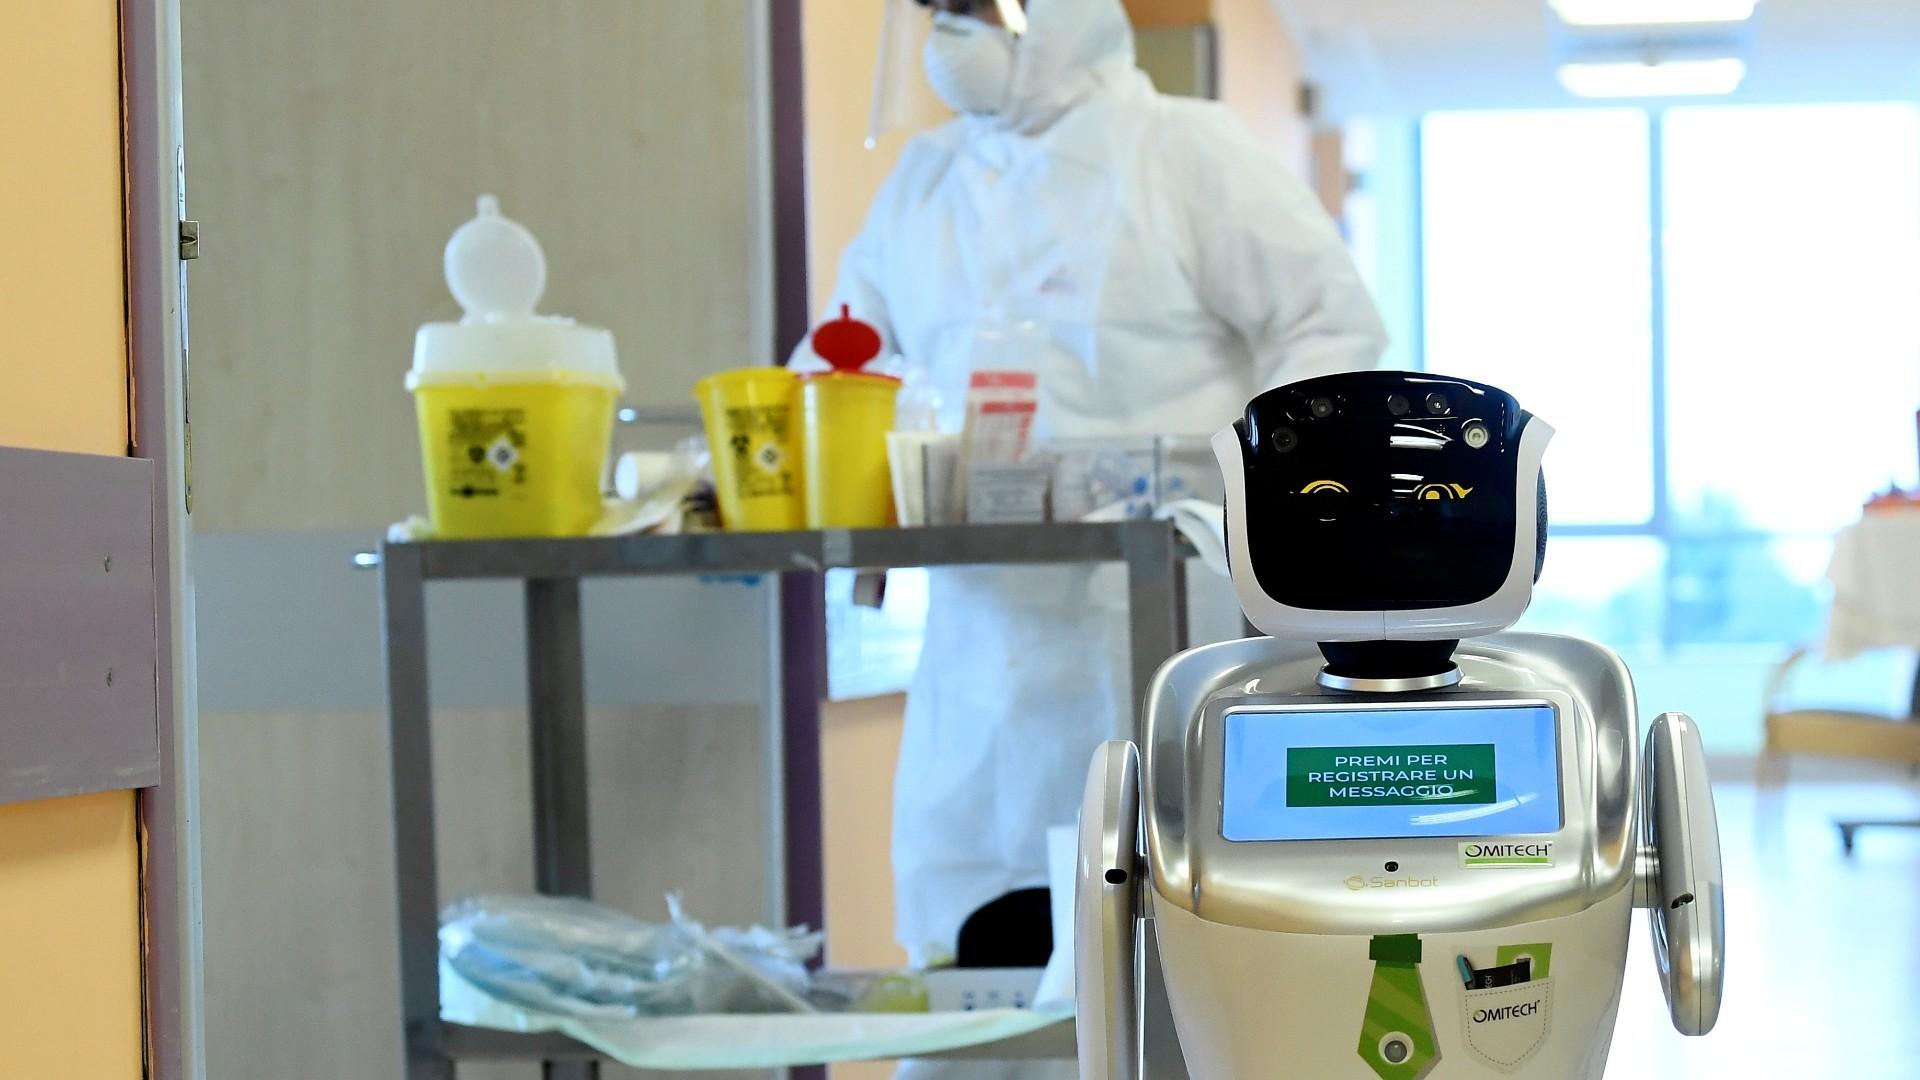 Ρομπότ για παρέα: καταπολεμούν τη μοναξιά σε ασθενείς με κορωνοϊό